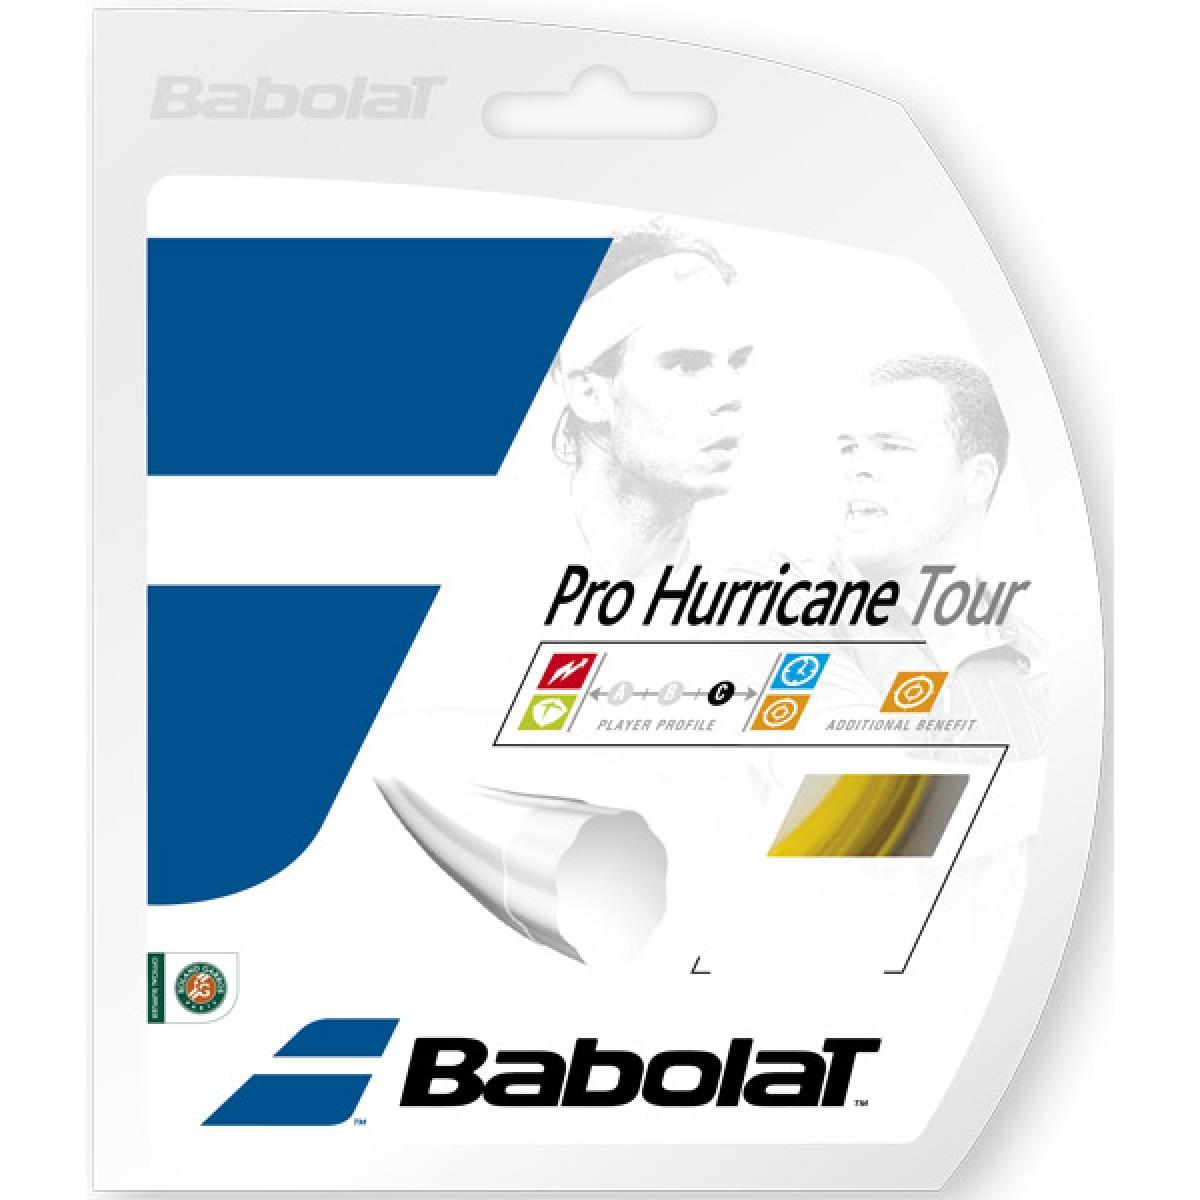 BABOLAT PRO HURRICANE TOUR (12 METRES) STRING PACK